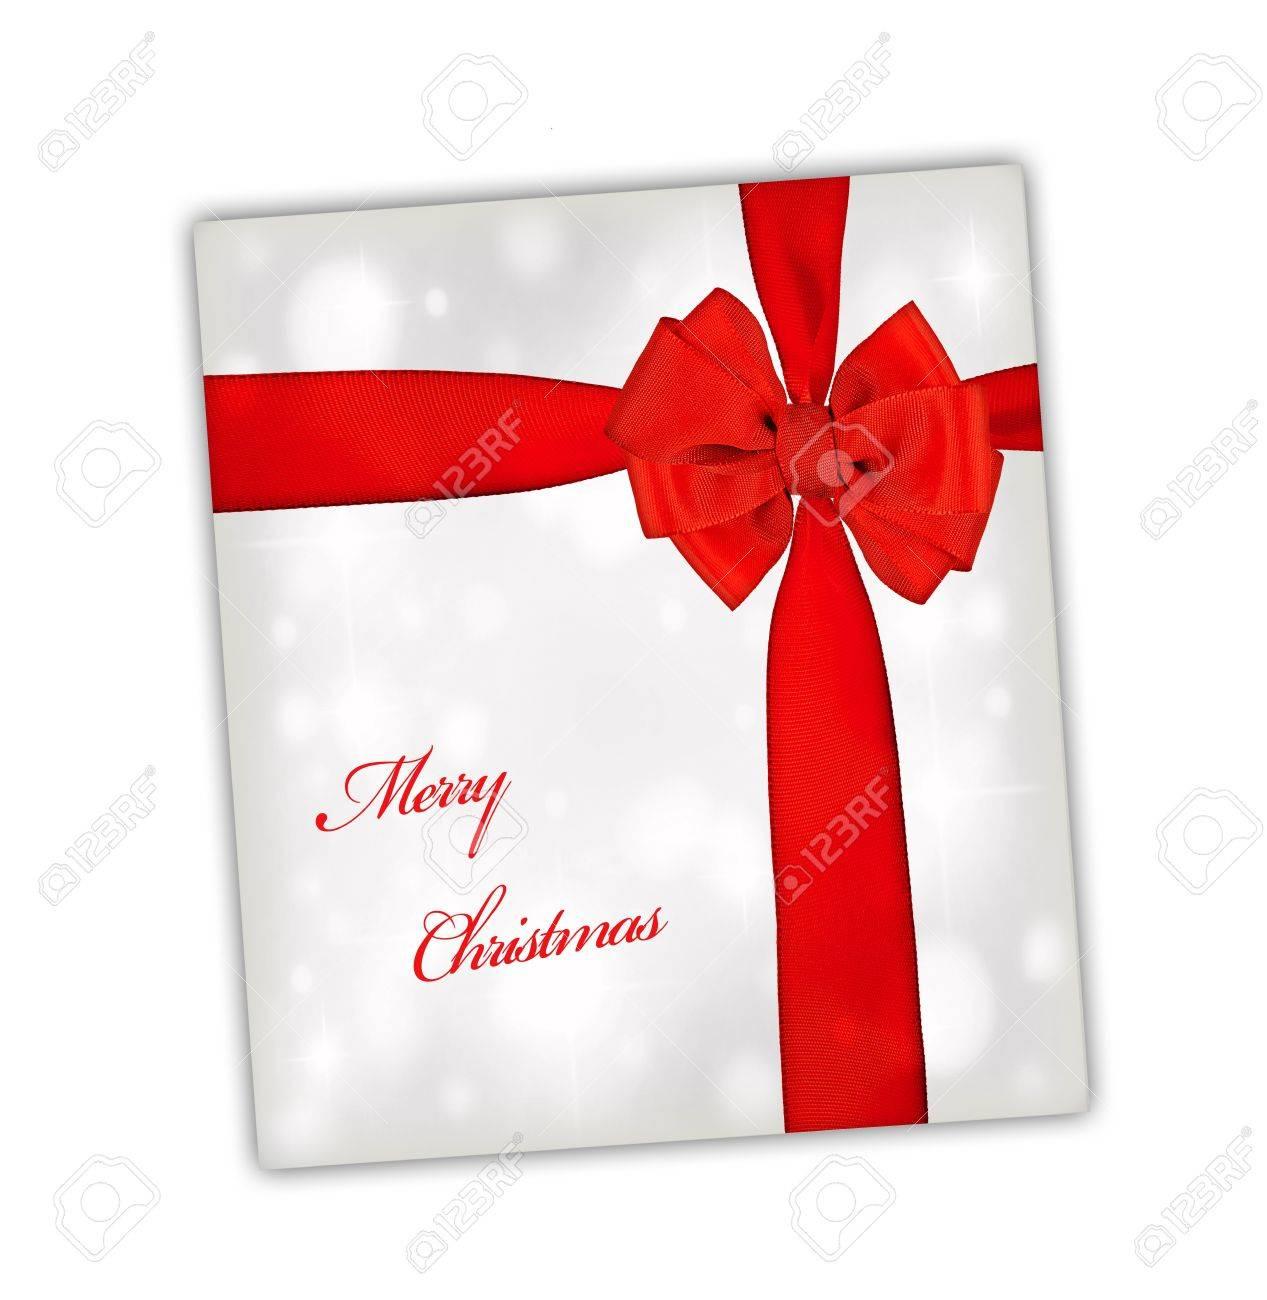 Frohe Weihnachten Grusskarte Mit Rotem Band, Big Seide Bogen über ...